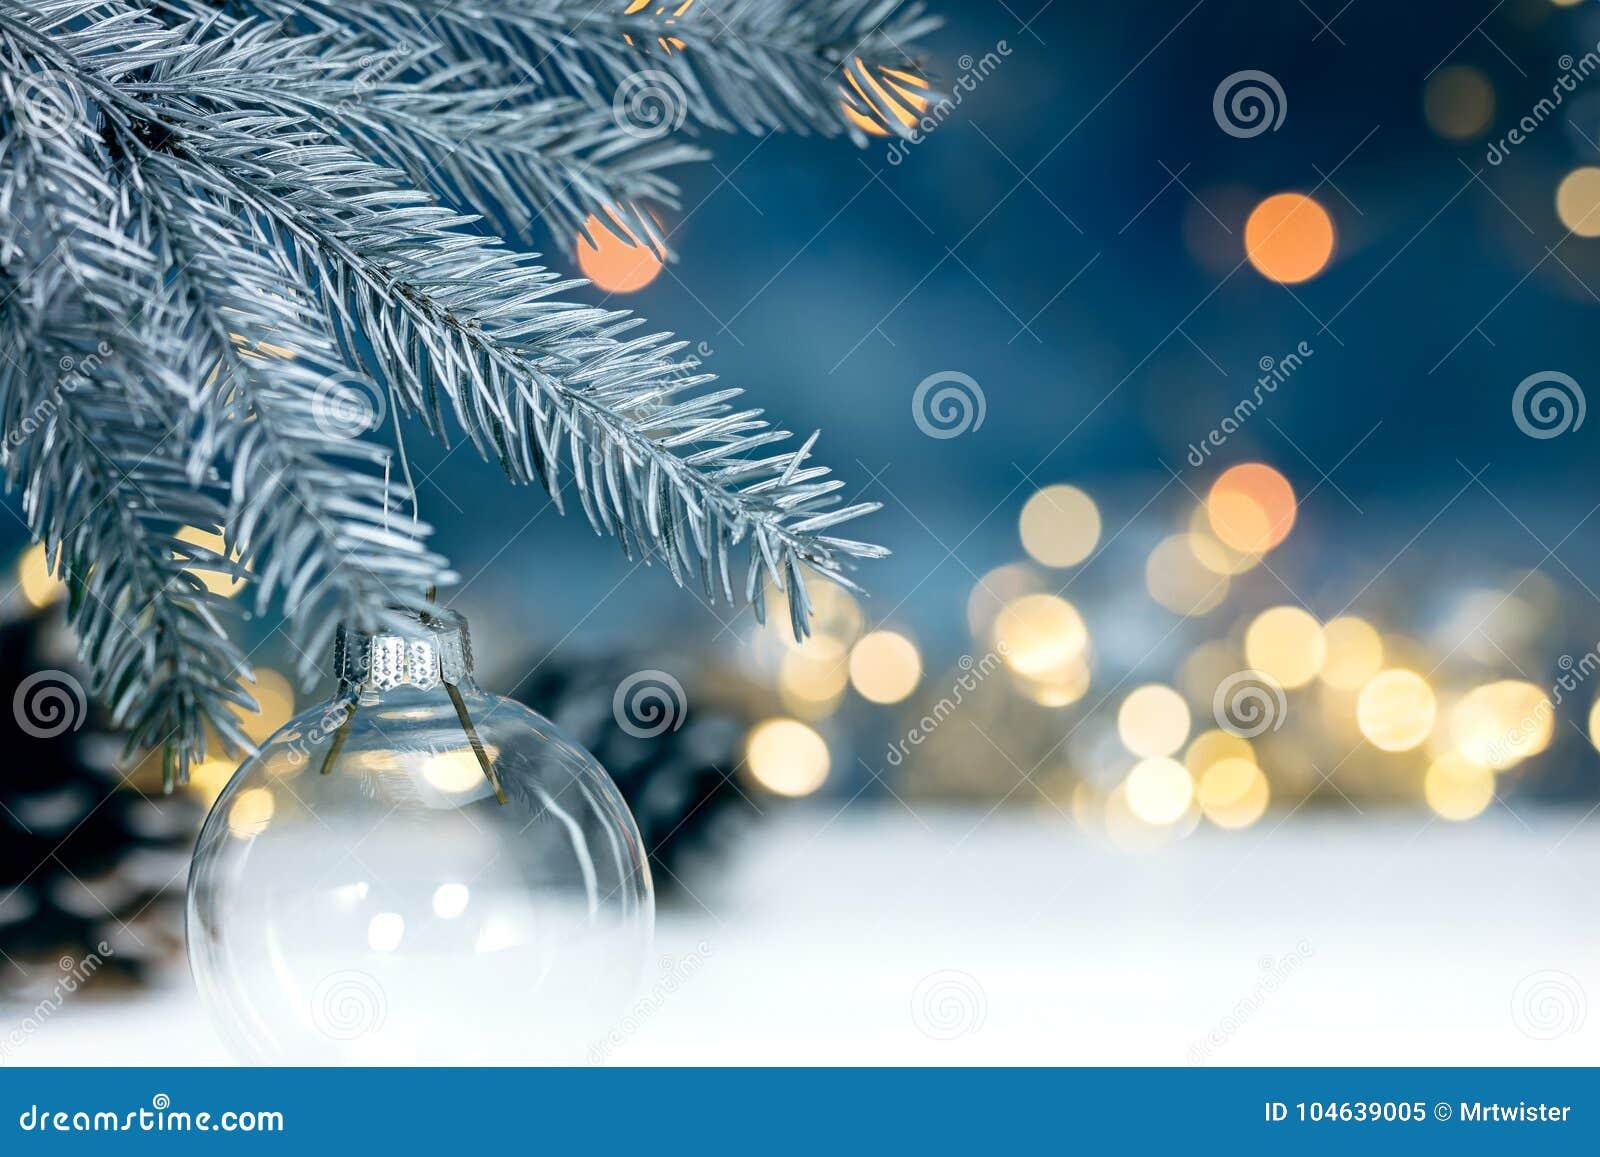 Download De Zilveren Tak Van De Kerstmisboom Met Decoratieve Bal Op Vaag Lig Stock Afbeelding - Afbeelding bestaande uit slinger, verlichting: 104639005